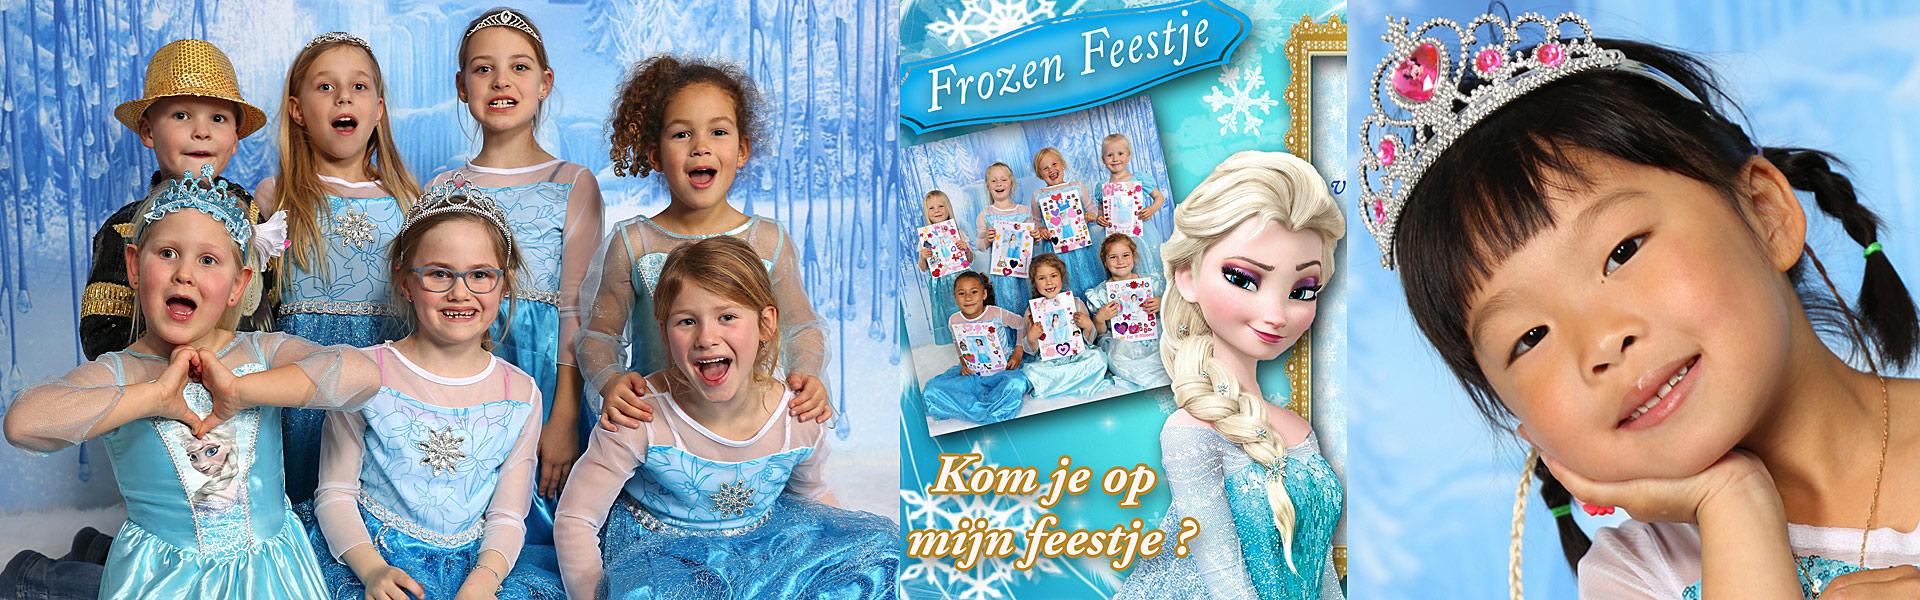 Frozen kinderfeestjes, leuk verjaardagsfeestje vanaf 5 jaar t/m 10 jaar in Almere